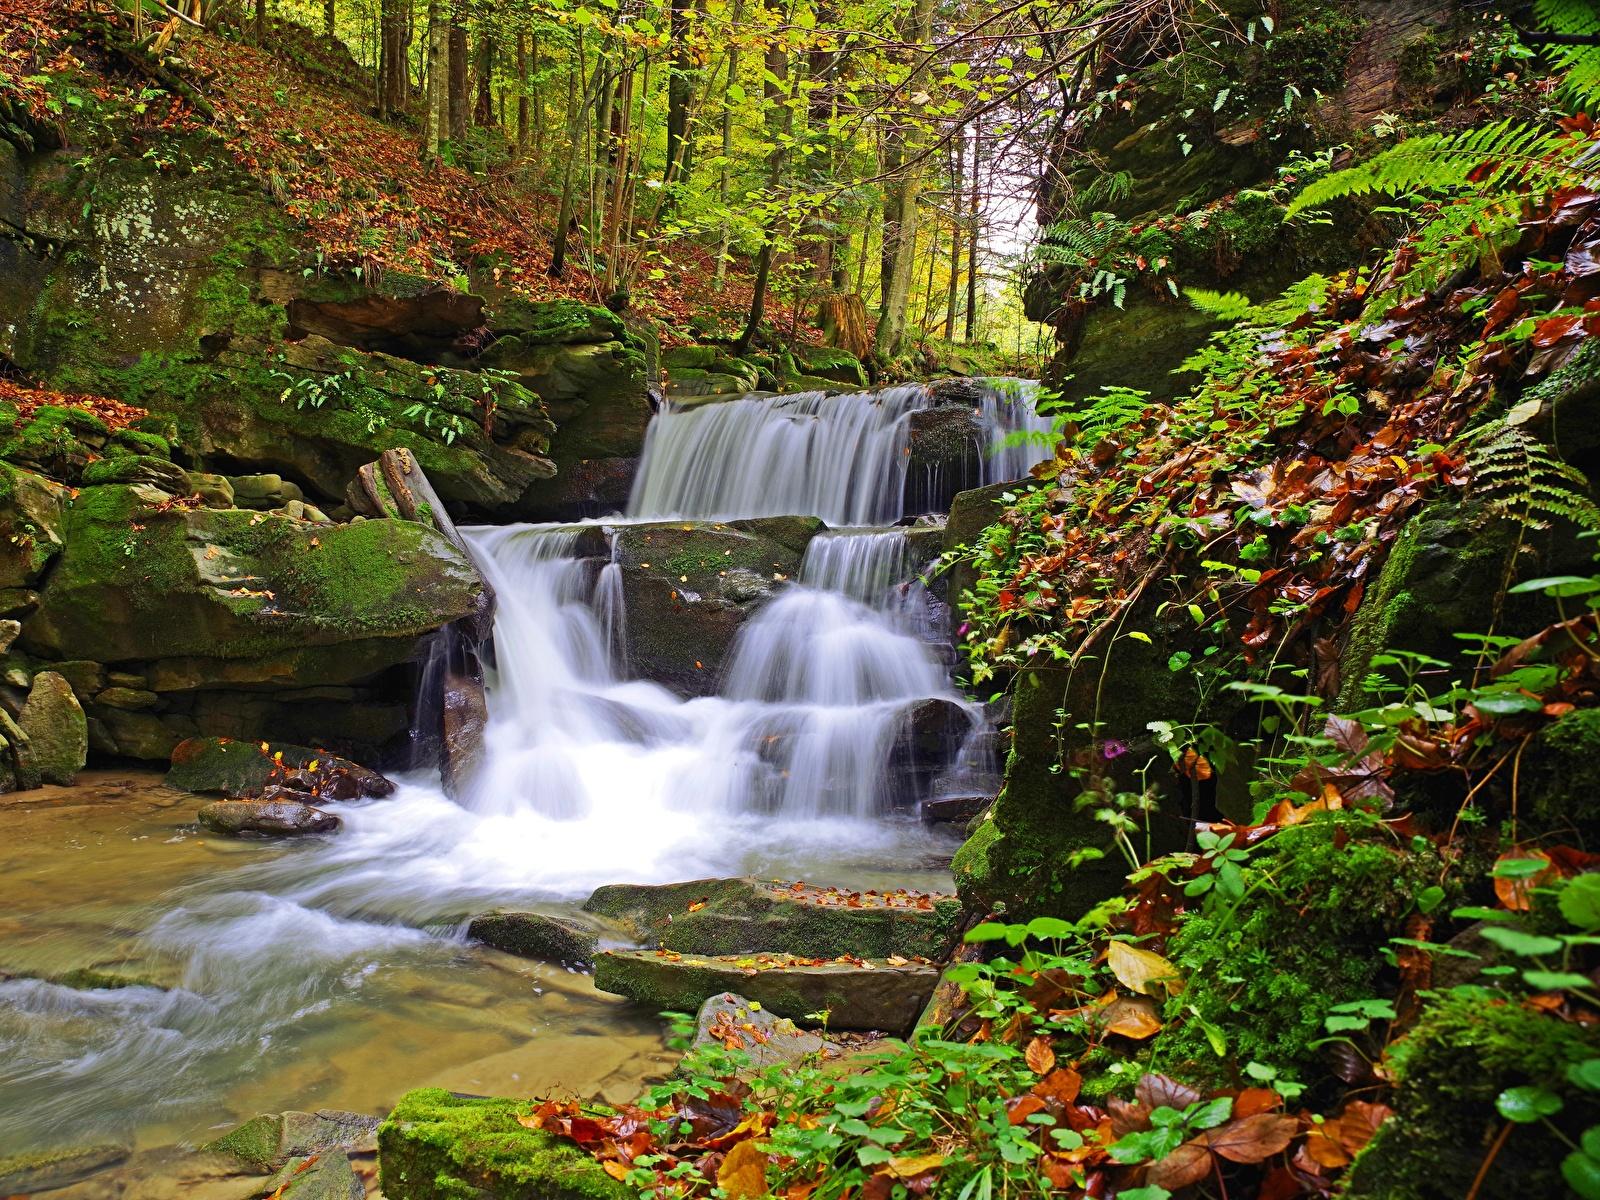 Фотография лист Польша Bieszczady осенние Природа Водопады Мох Камень 1600x1200 Листья Листва Осень мха мхом Камни